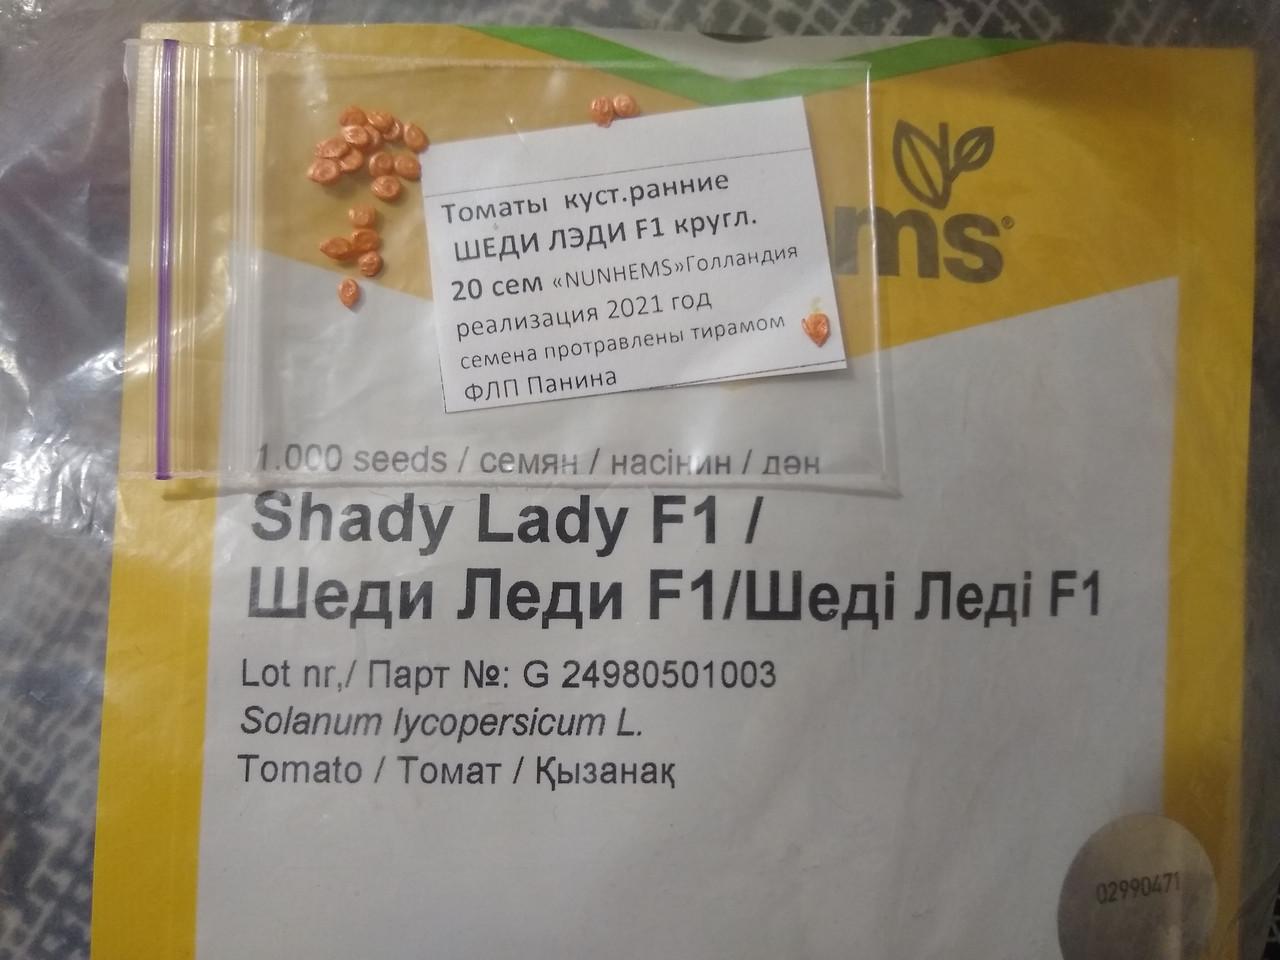 Семена томата раннего гибрид низкорослый Шеди Леди F1, круглый красный 20 семян Nunhems Голландия